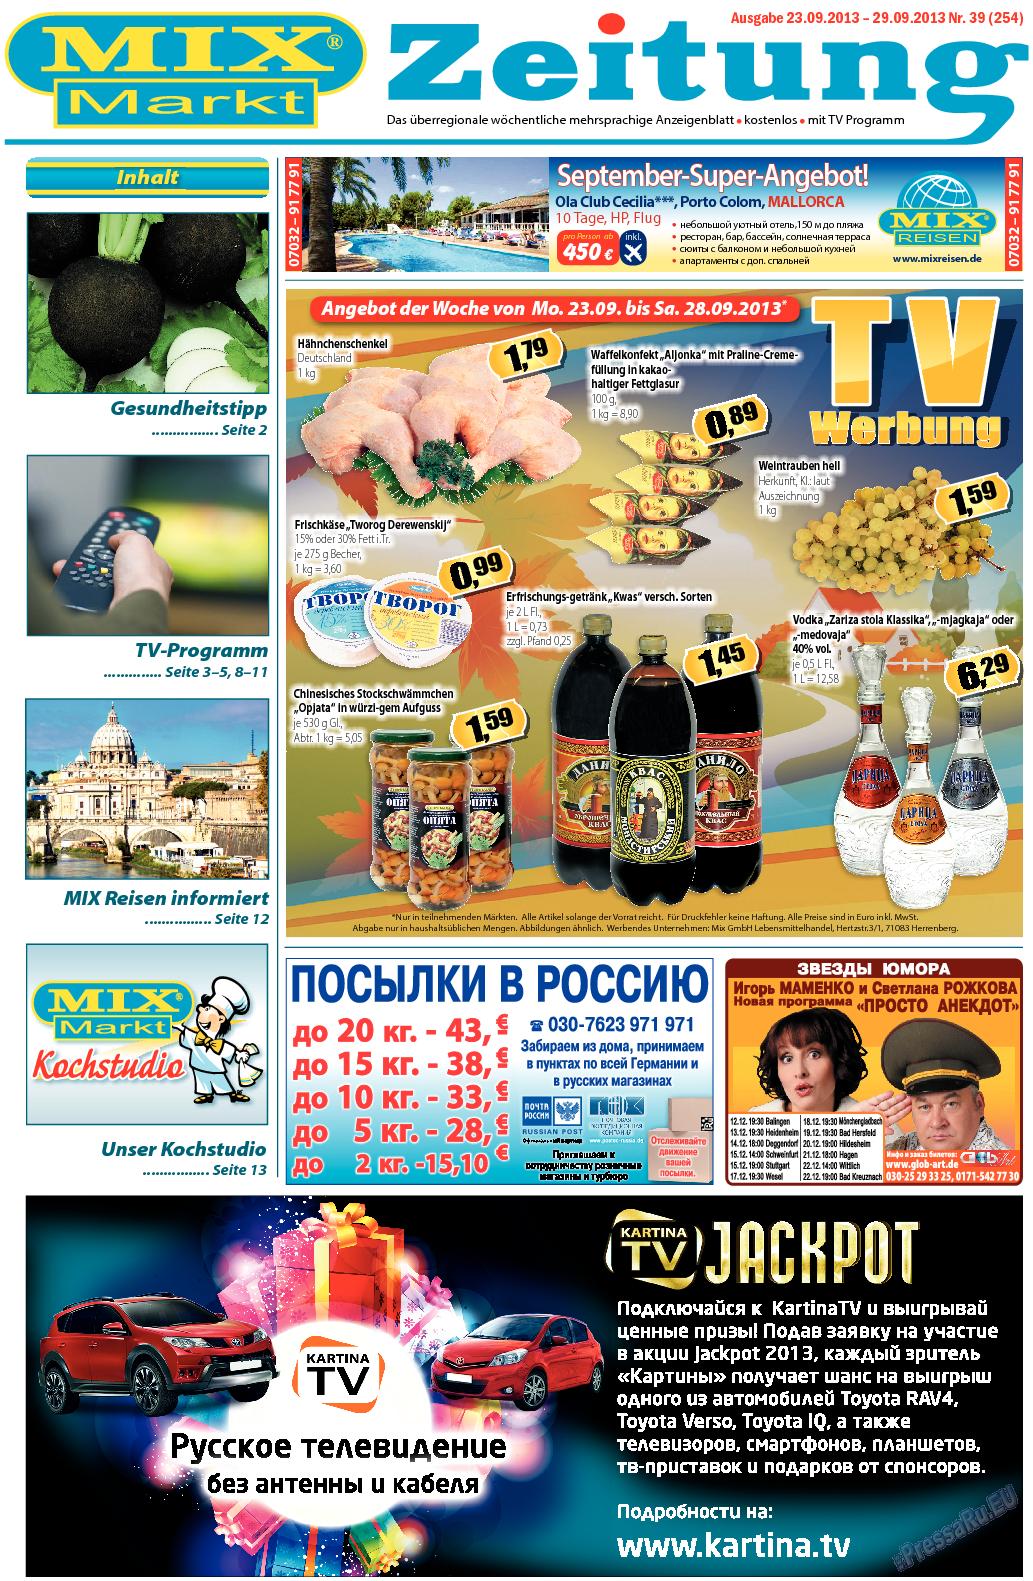 MIX-Markt Zeitung (газета). 2013 год, номер 39, стр. 1